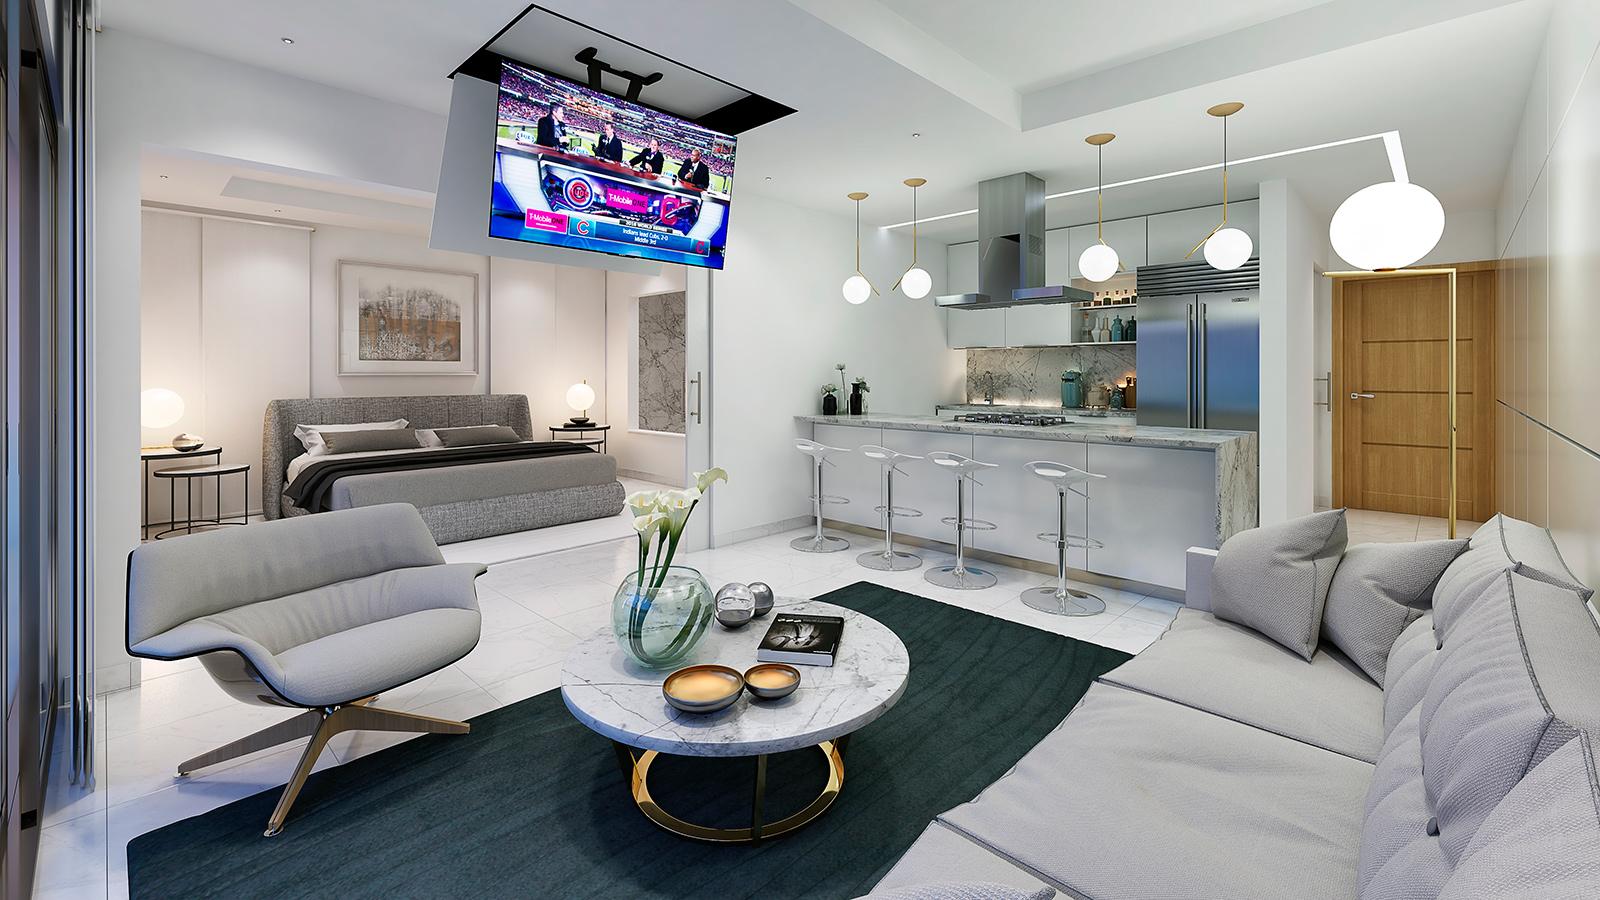 Proyecto Condominio Condo hotel centrico lujoso y moderno en ensanche naco Corpbanck Inmobiliaria